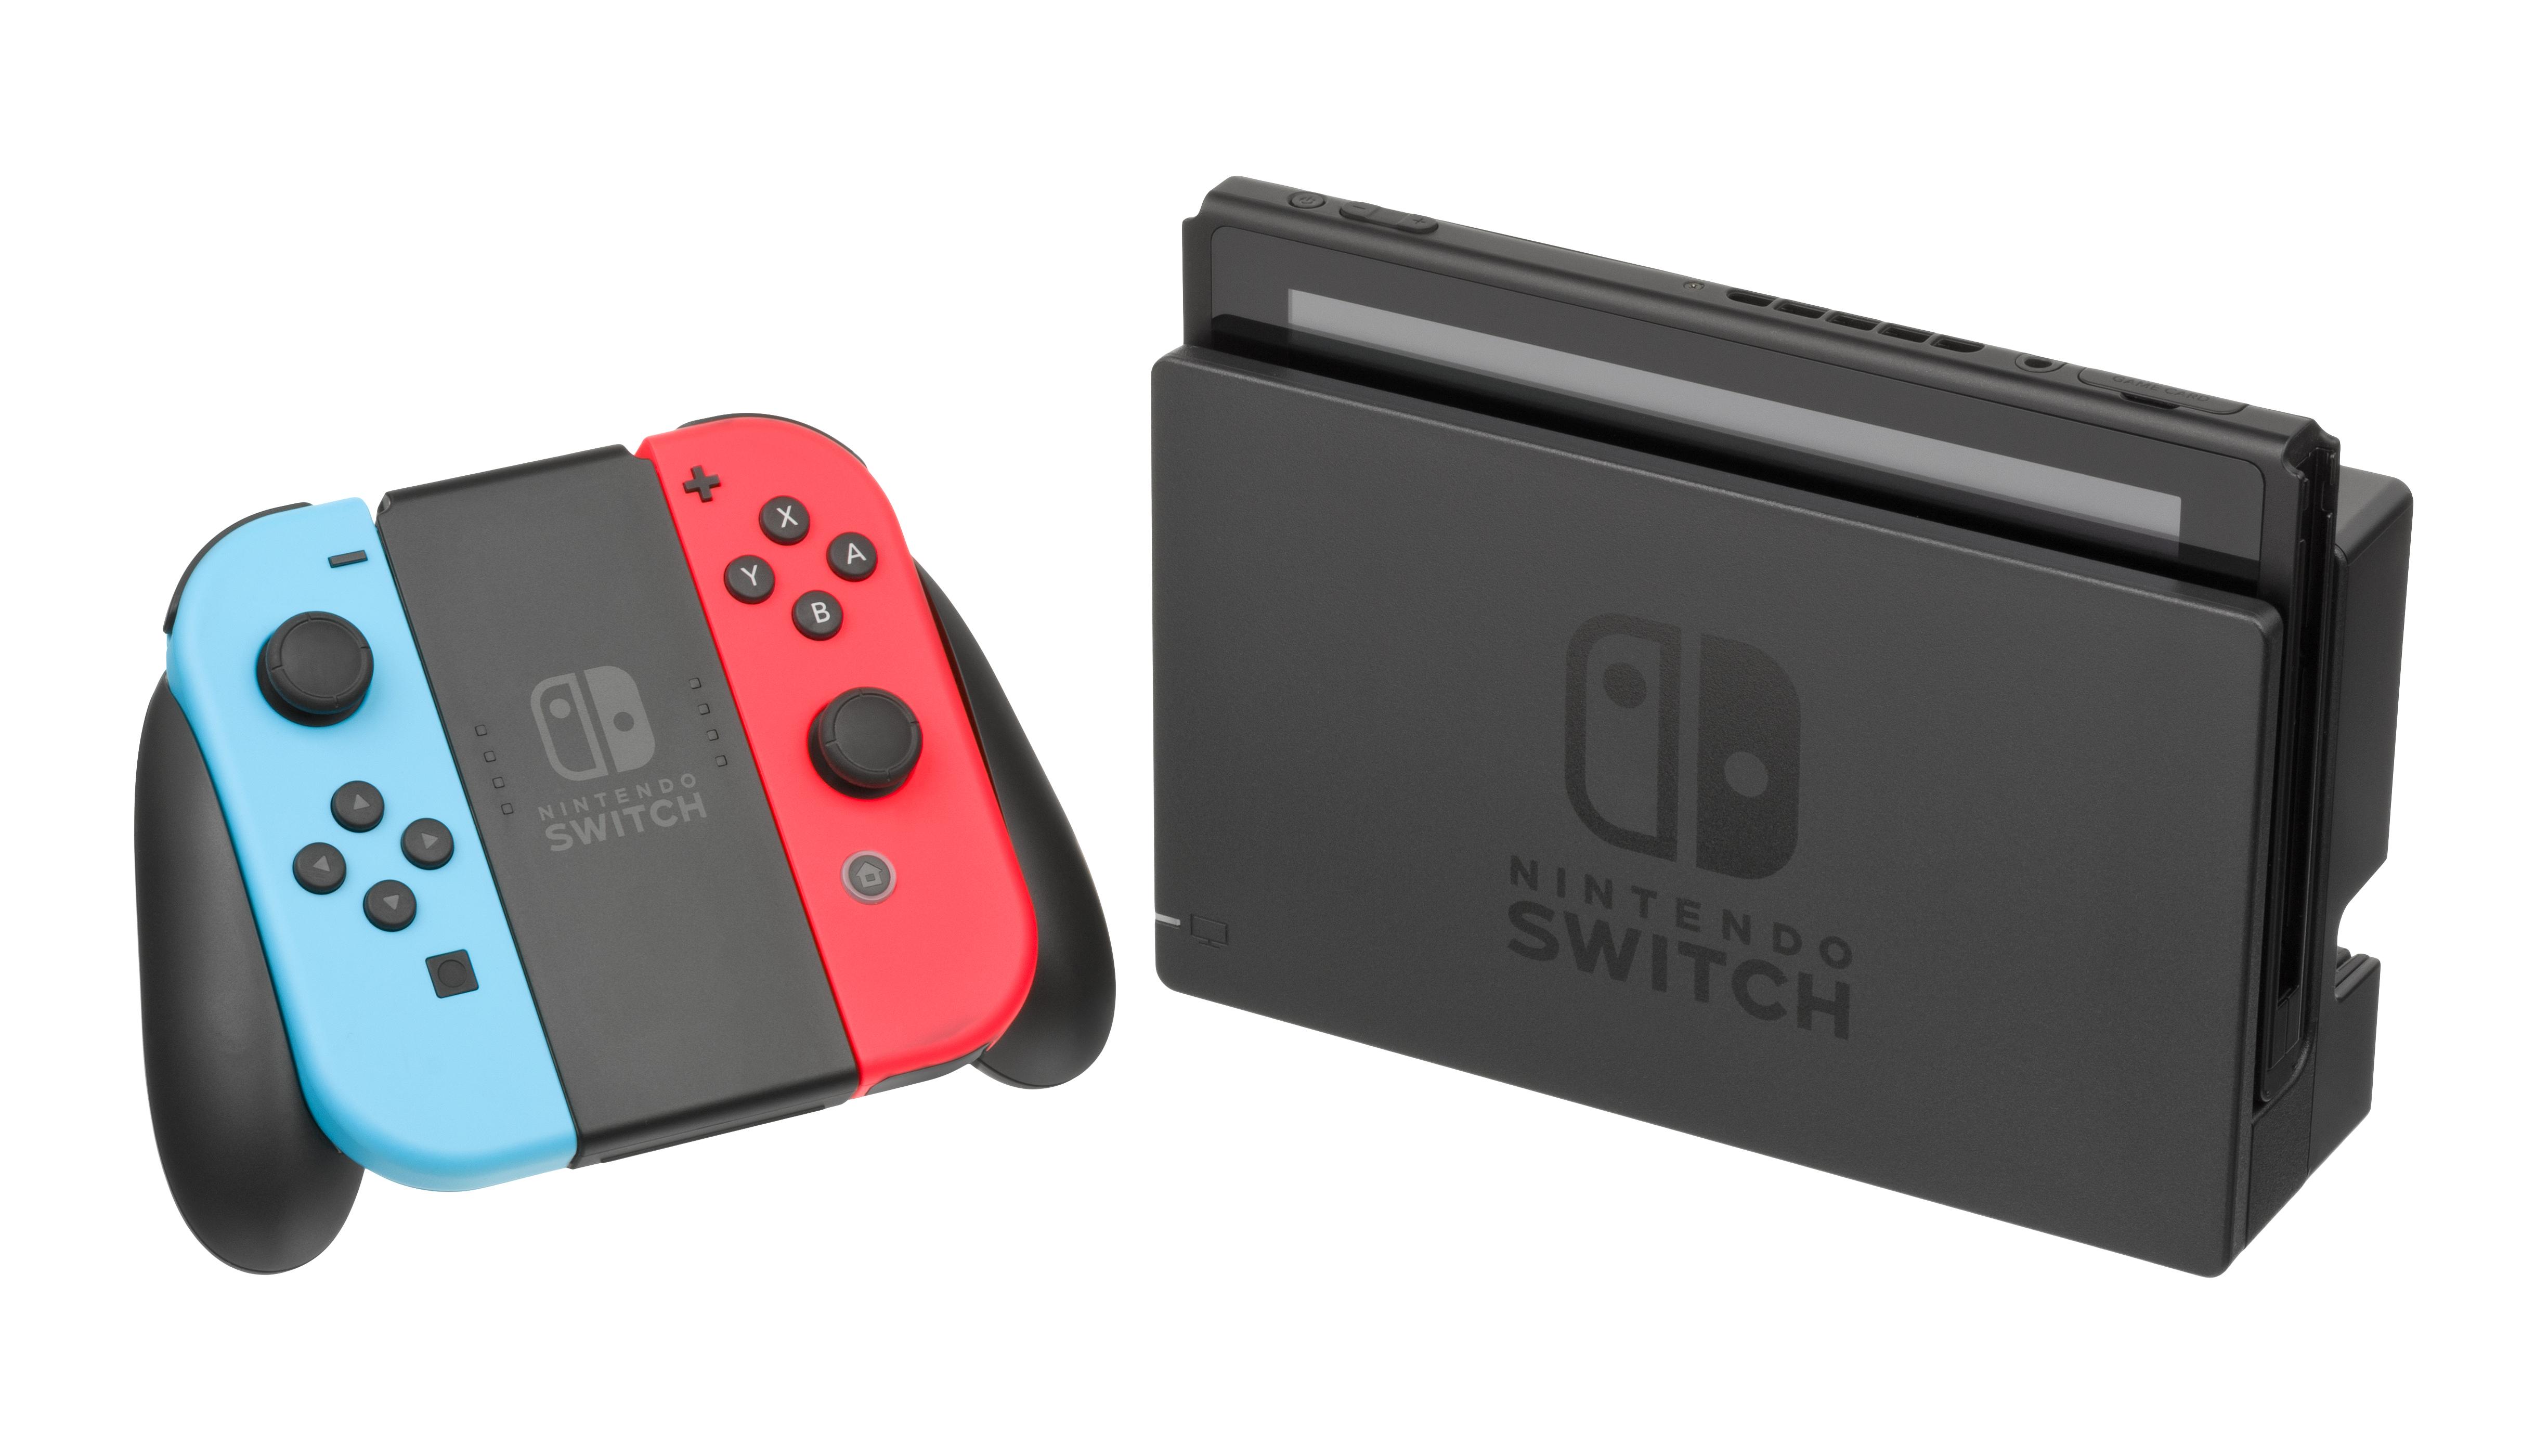 nintendo-switch-console-docked-wjoyconrb.jpg